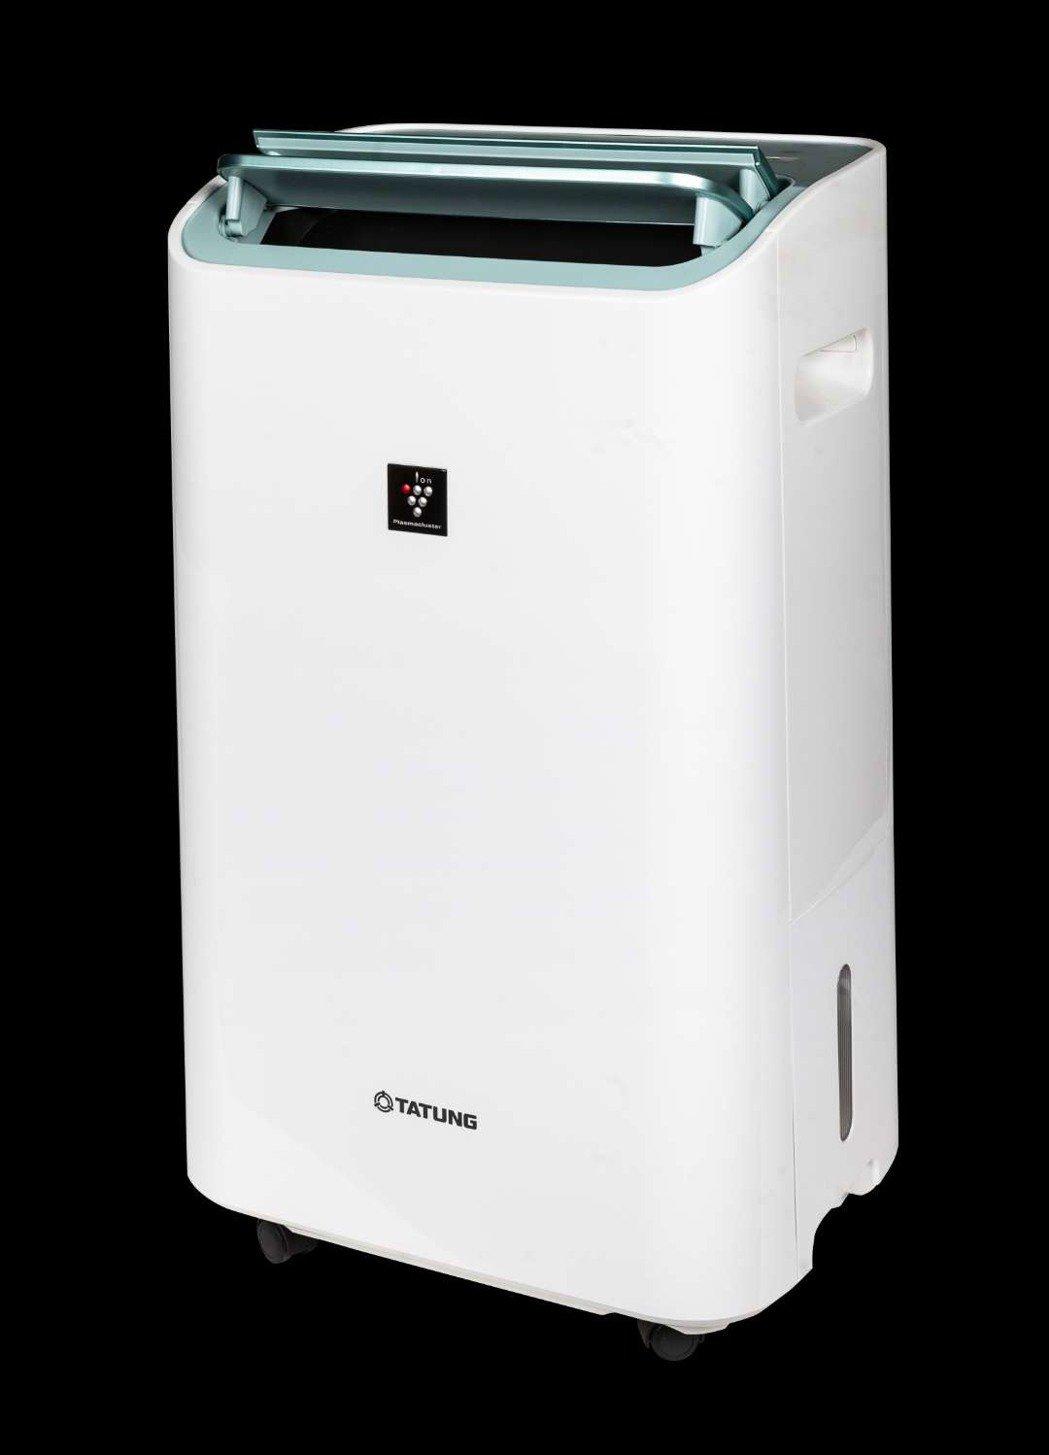 大同空氣清淨除溼機經SGS認證,細菌濾除率高達99.9%。業者/提供